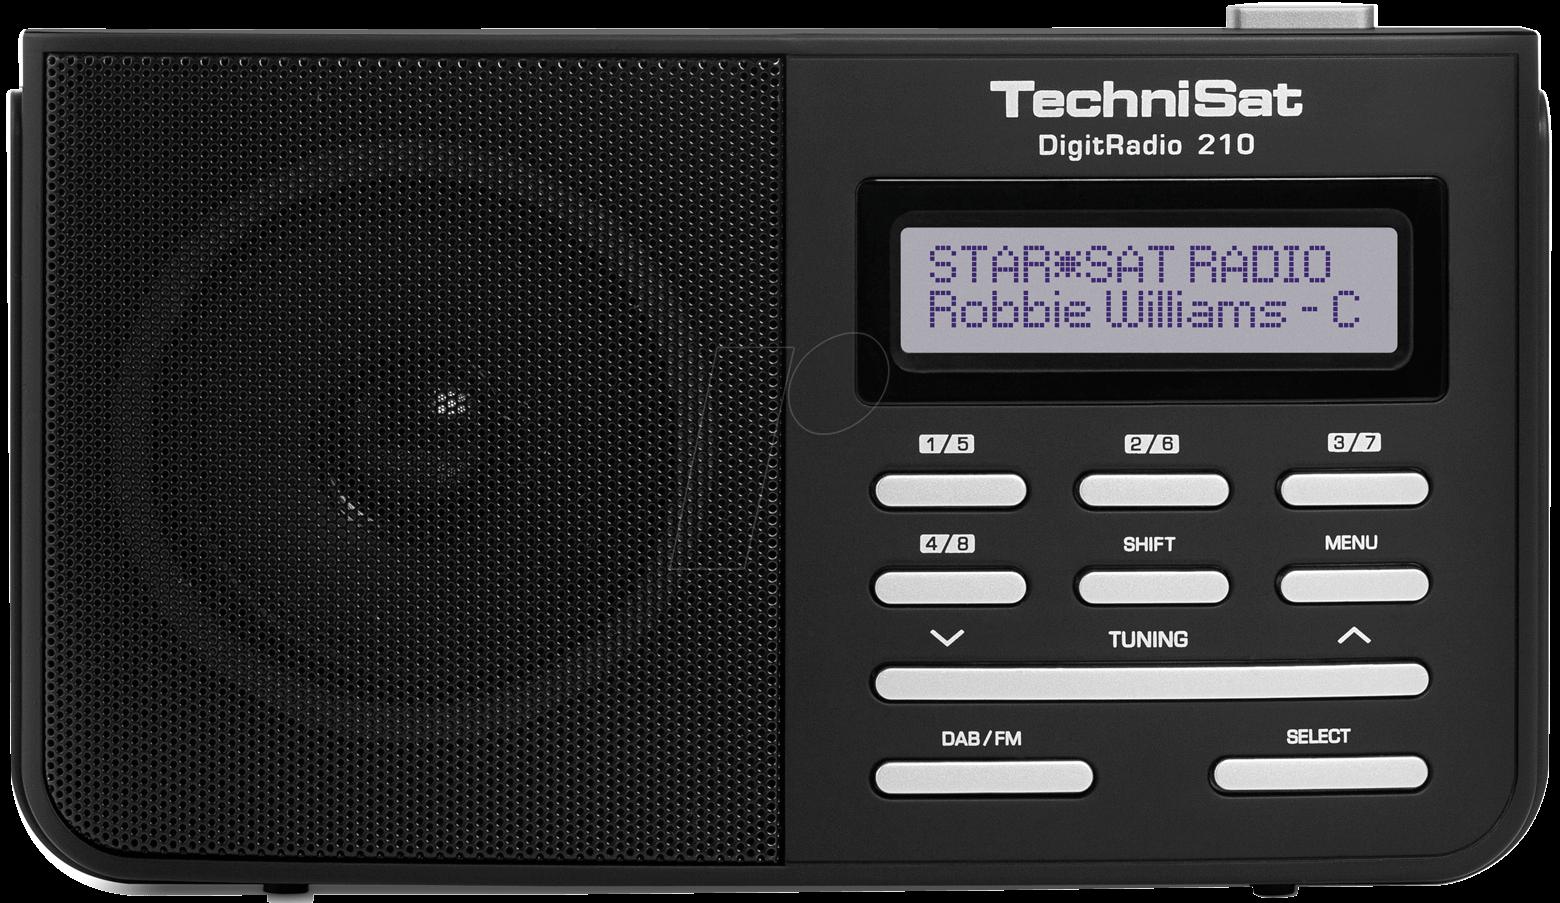 DIGITRADIO 210 - DAB/DAB+ und FM-Empfänger